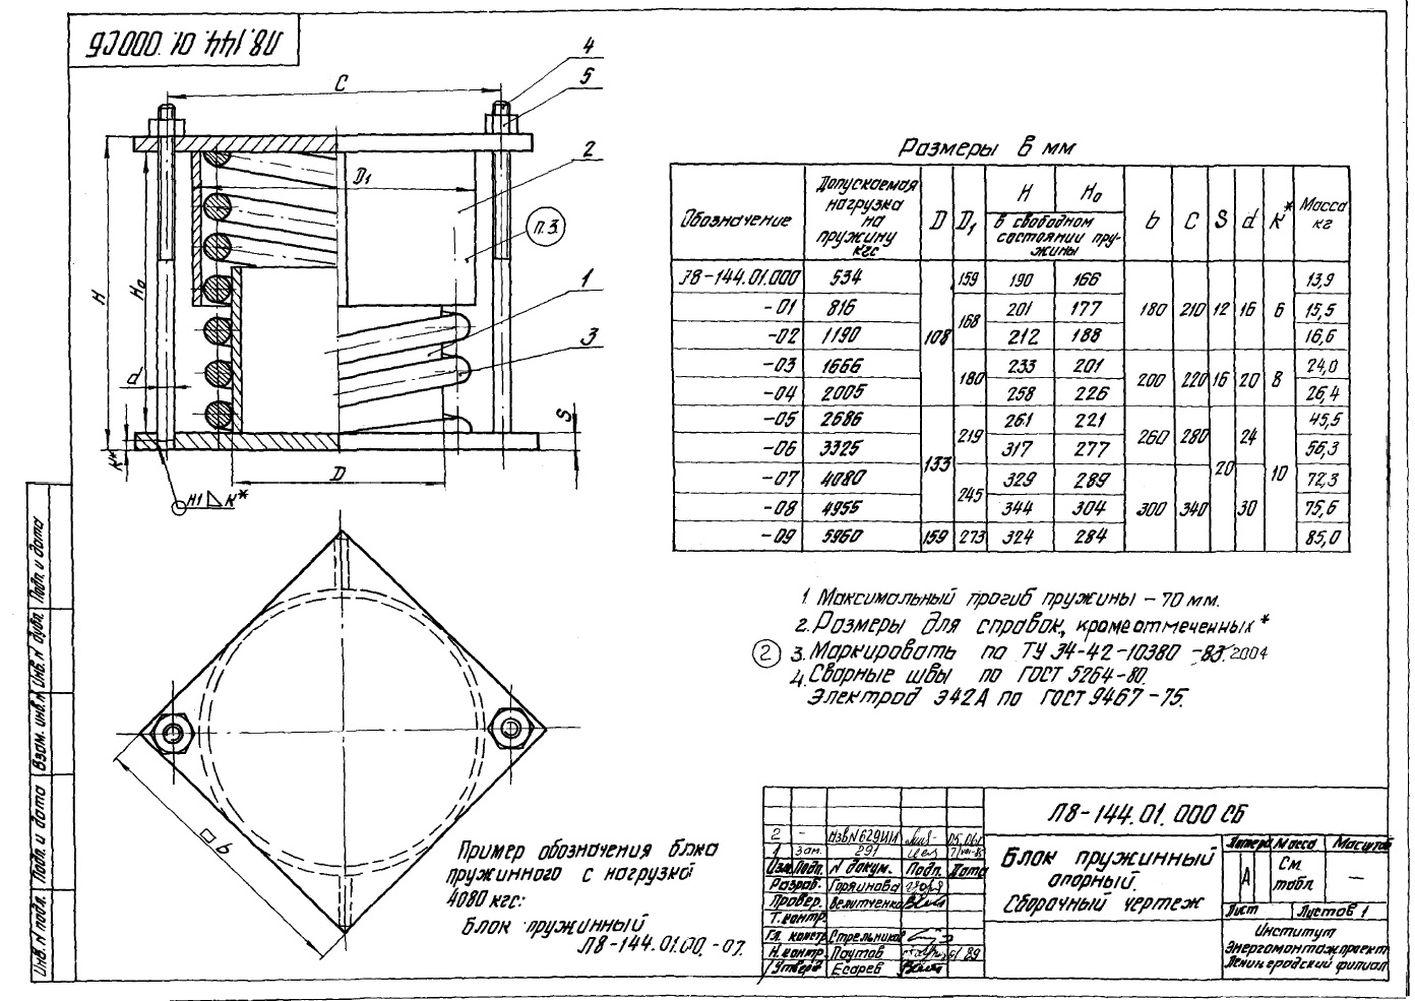 Блок пружинный опорный Л8-144.01.000 стр.1